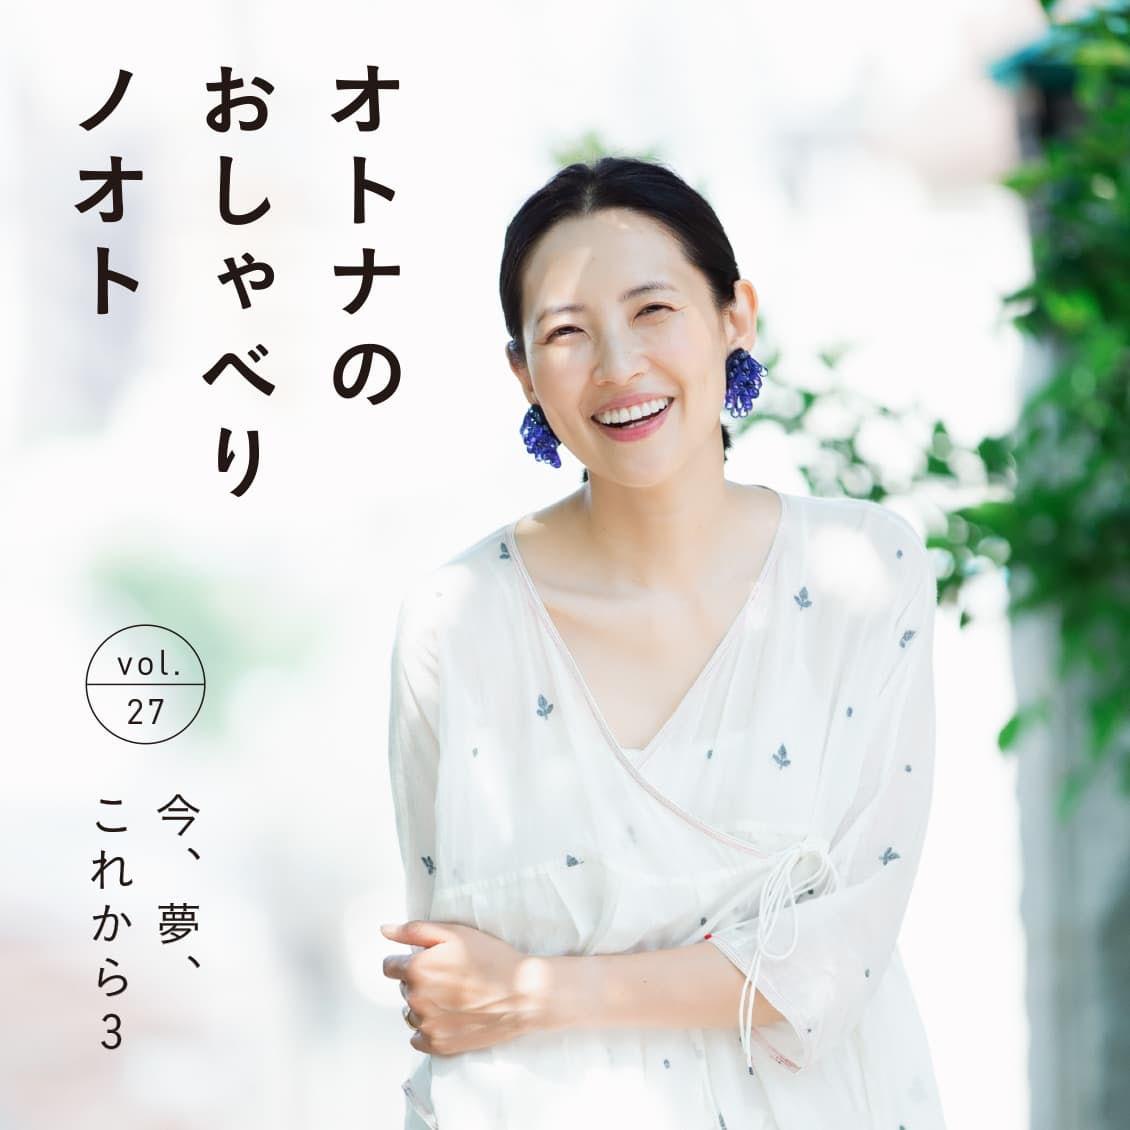 【おしゃべりノオト最新号】特集「今、夢、これから3」浜島直子さん